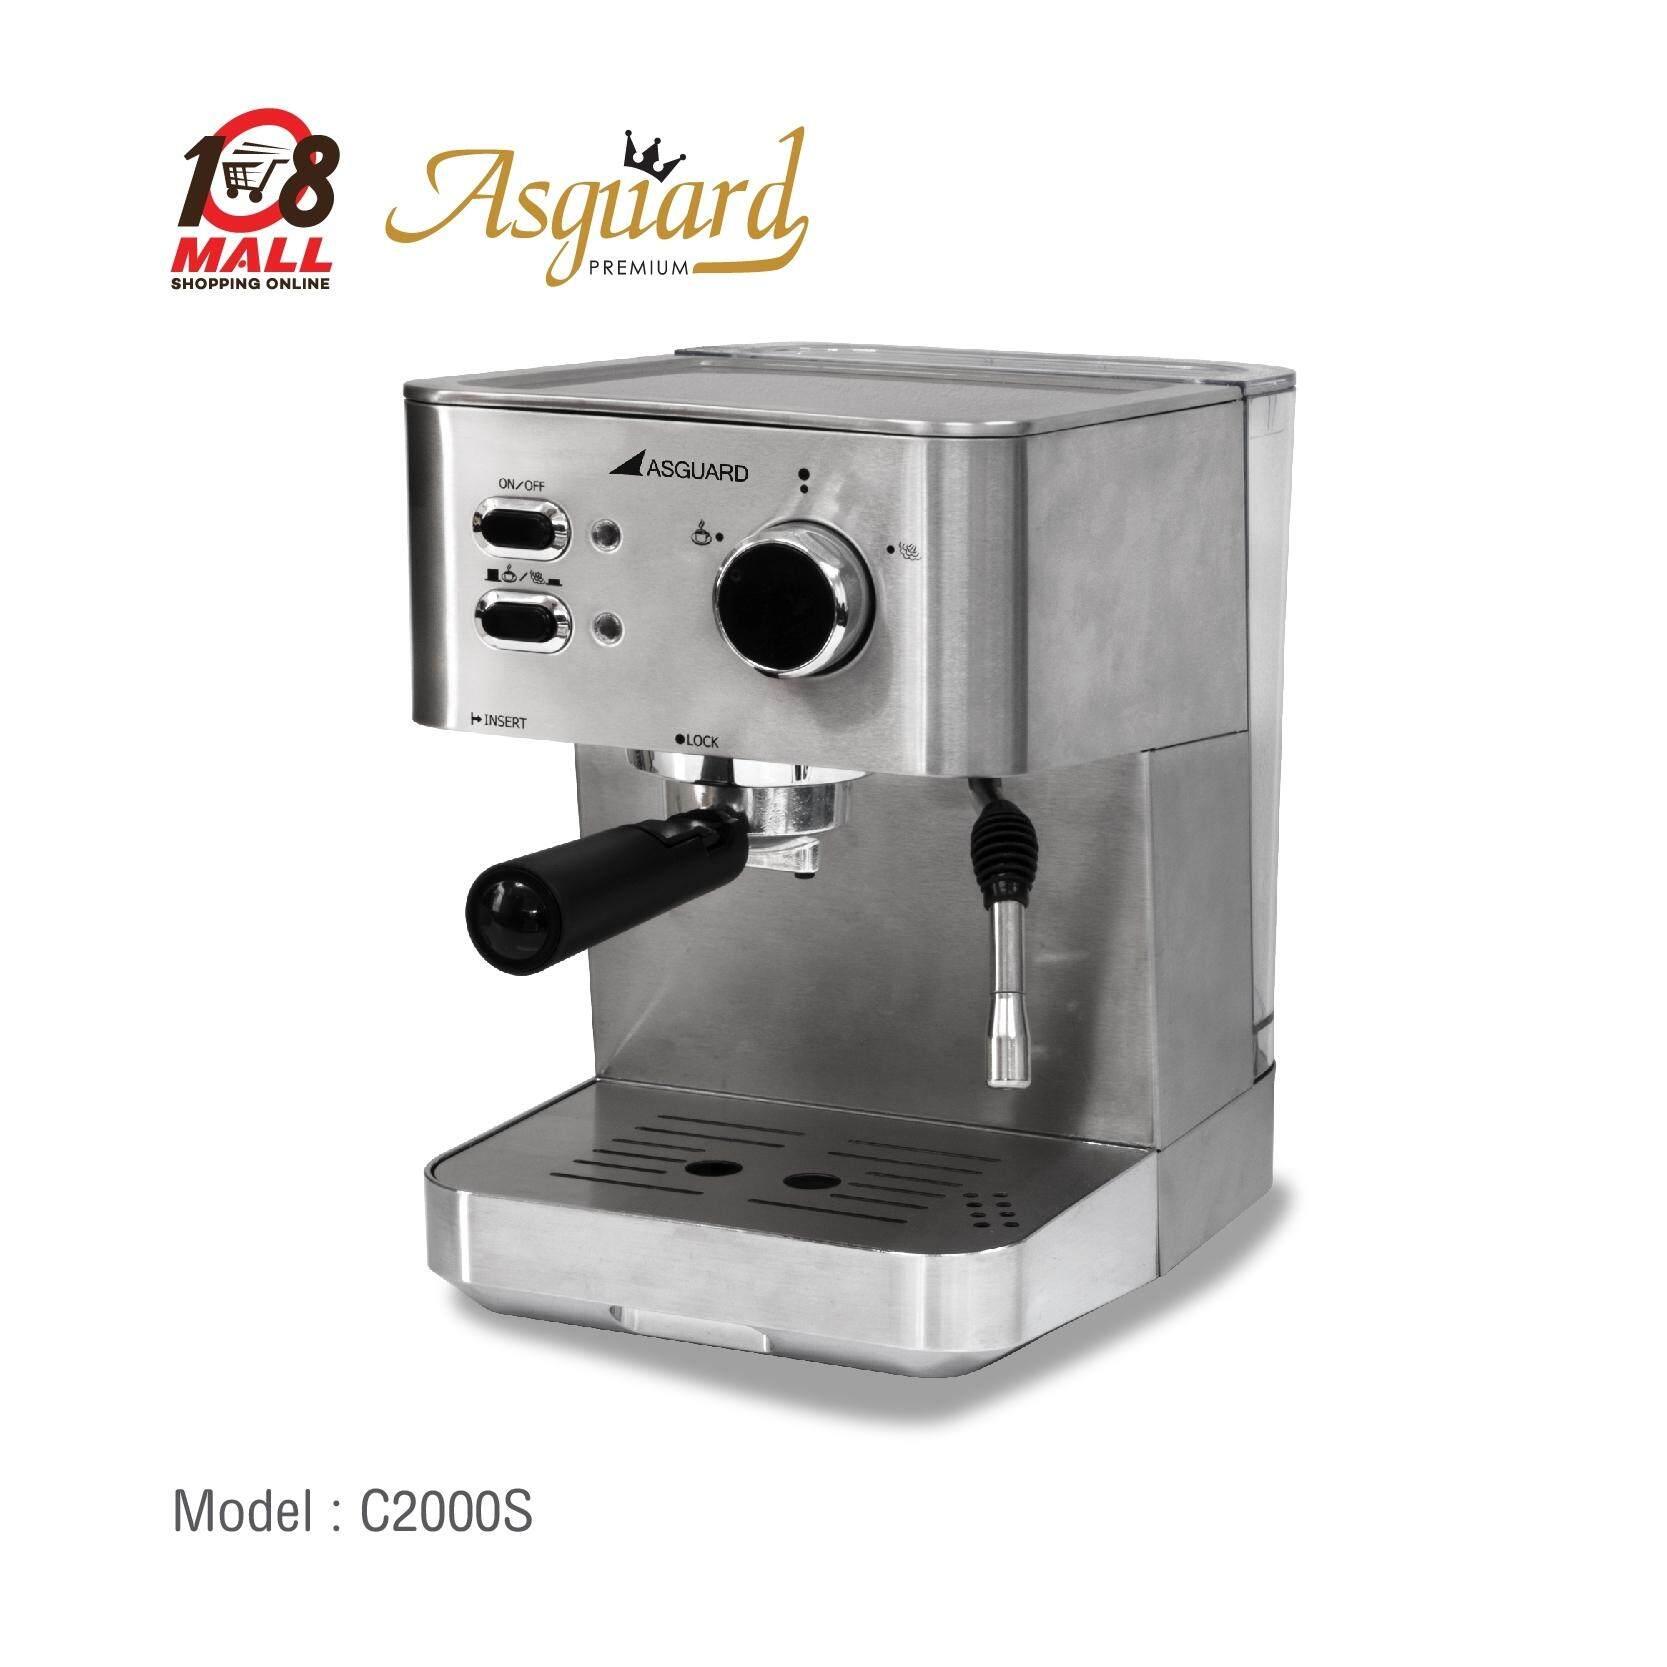 ASGUARD เครื่องชงกาแฟสด รุ่น C2000S